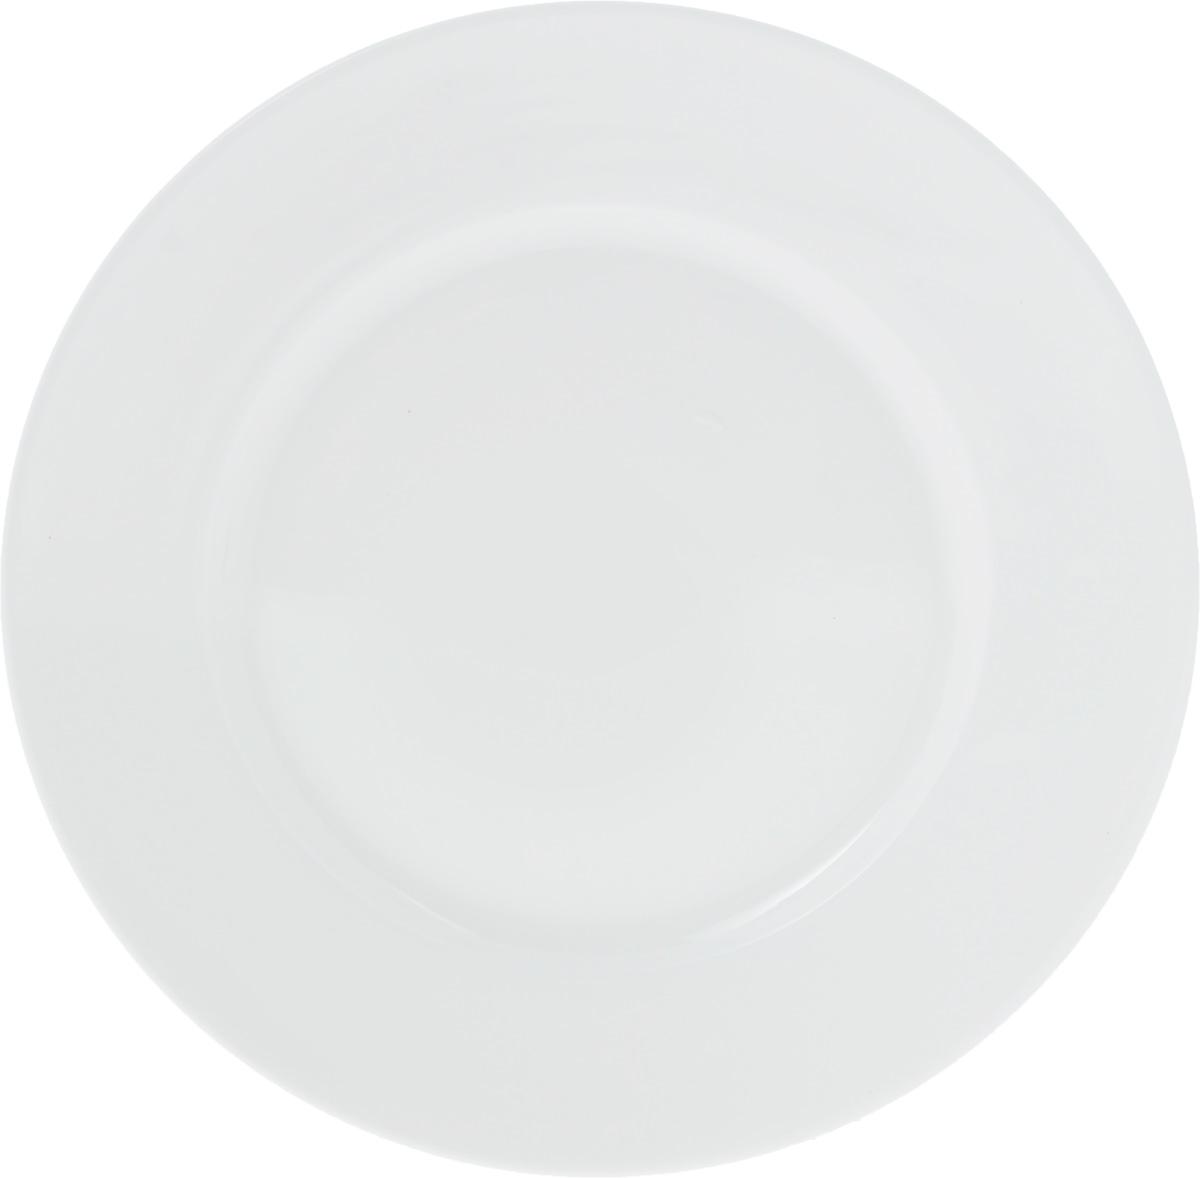 Тарелка Wilmax, диаметр 18 см. WL-991005 / A16591720Тарелка Wilmax, выполненная из высококачественного фарфора, имеет классическую круглую форму. Изделие идеально подойдет для сервировки стола и станет отличным подарком к любому празднику.